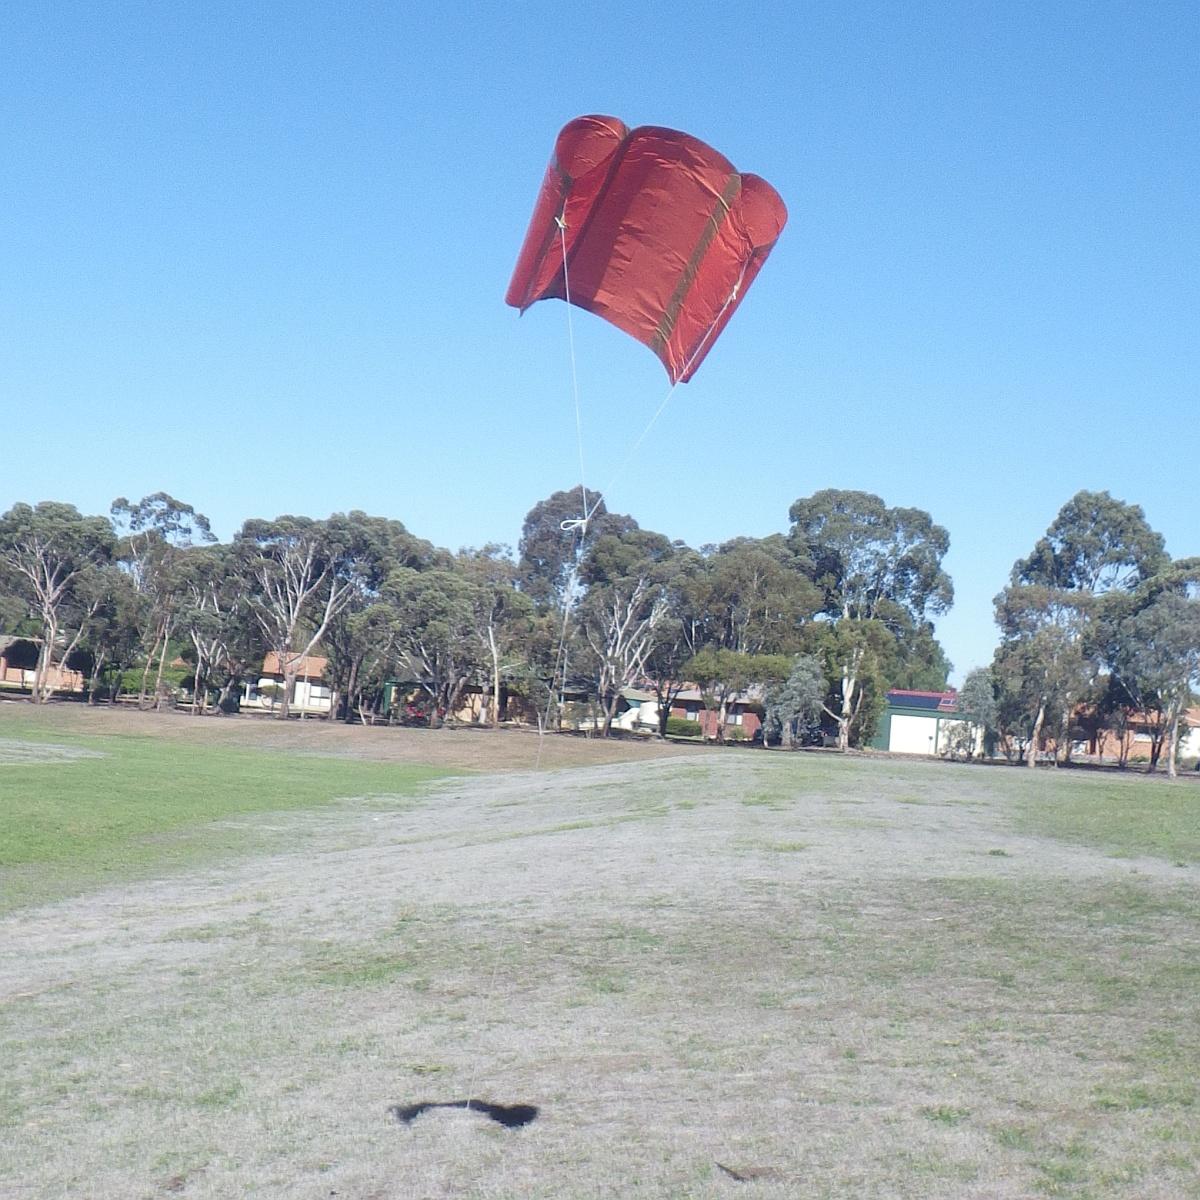 MBK Soft Sled kite 1 - 2.